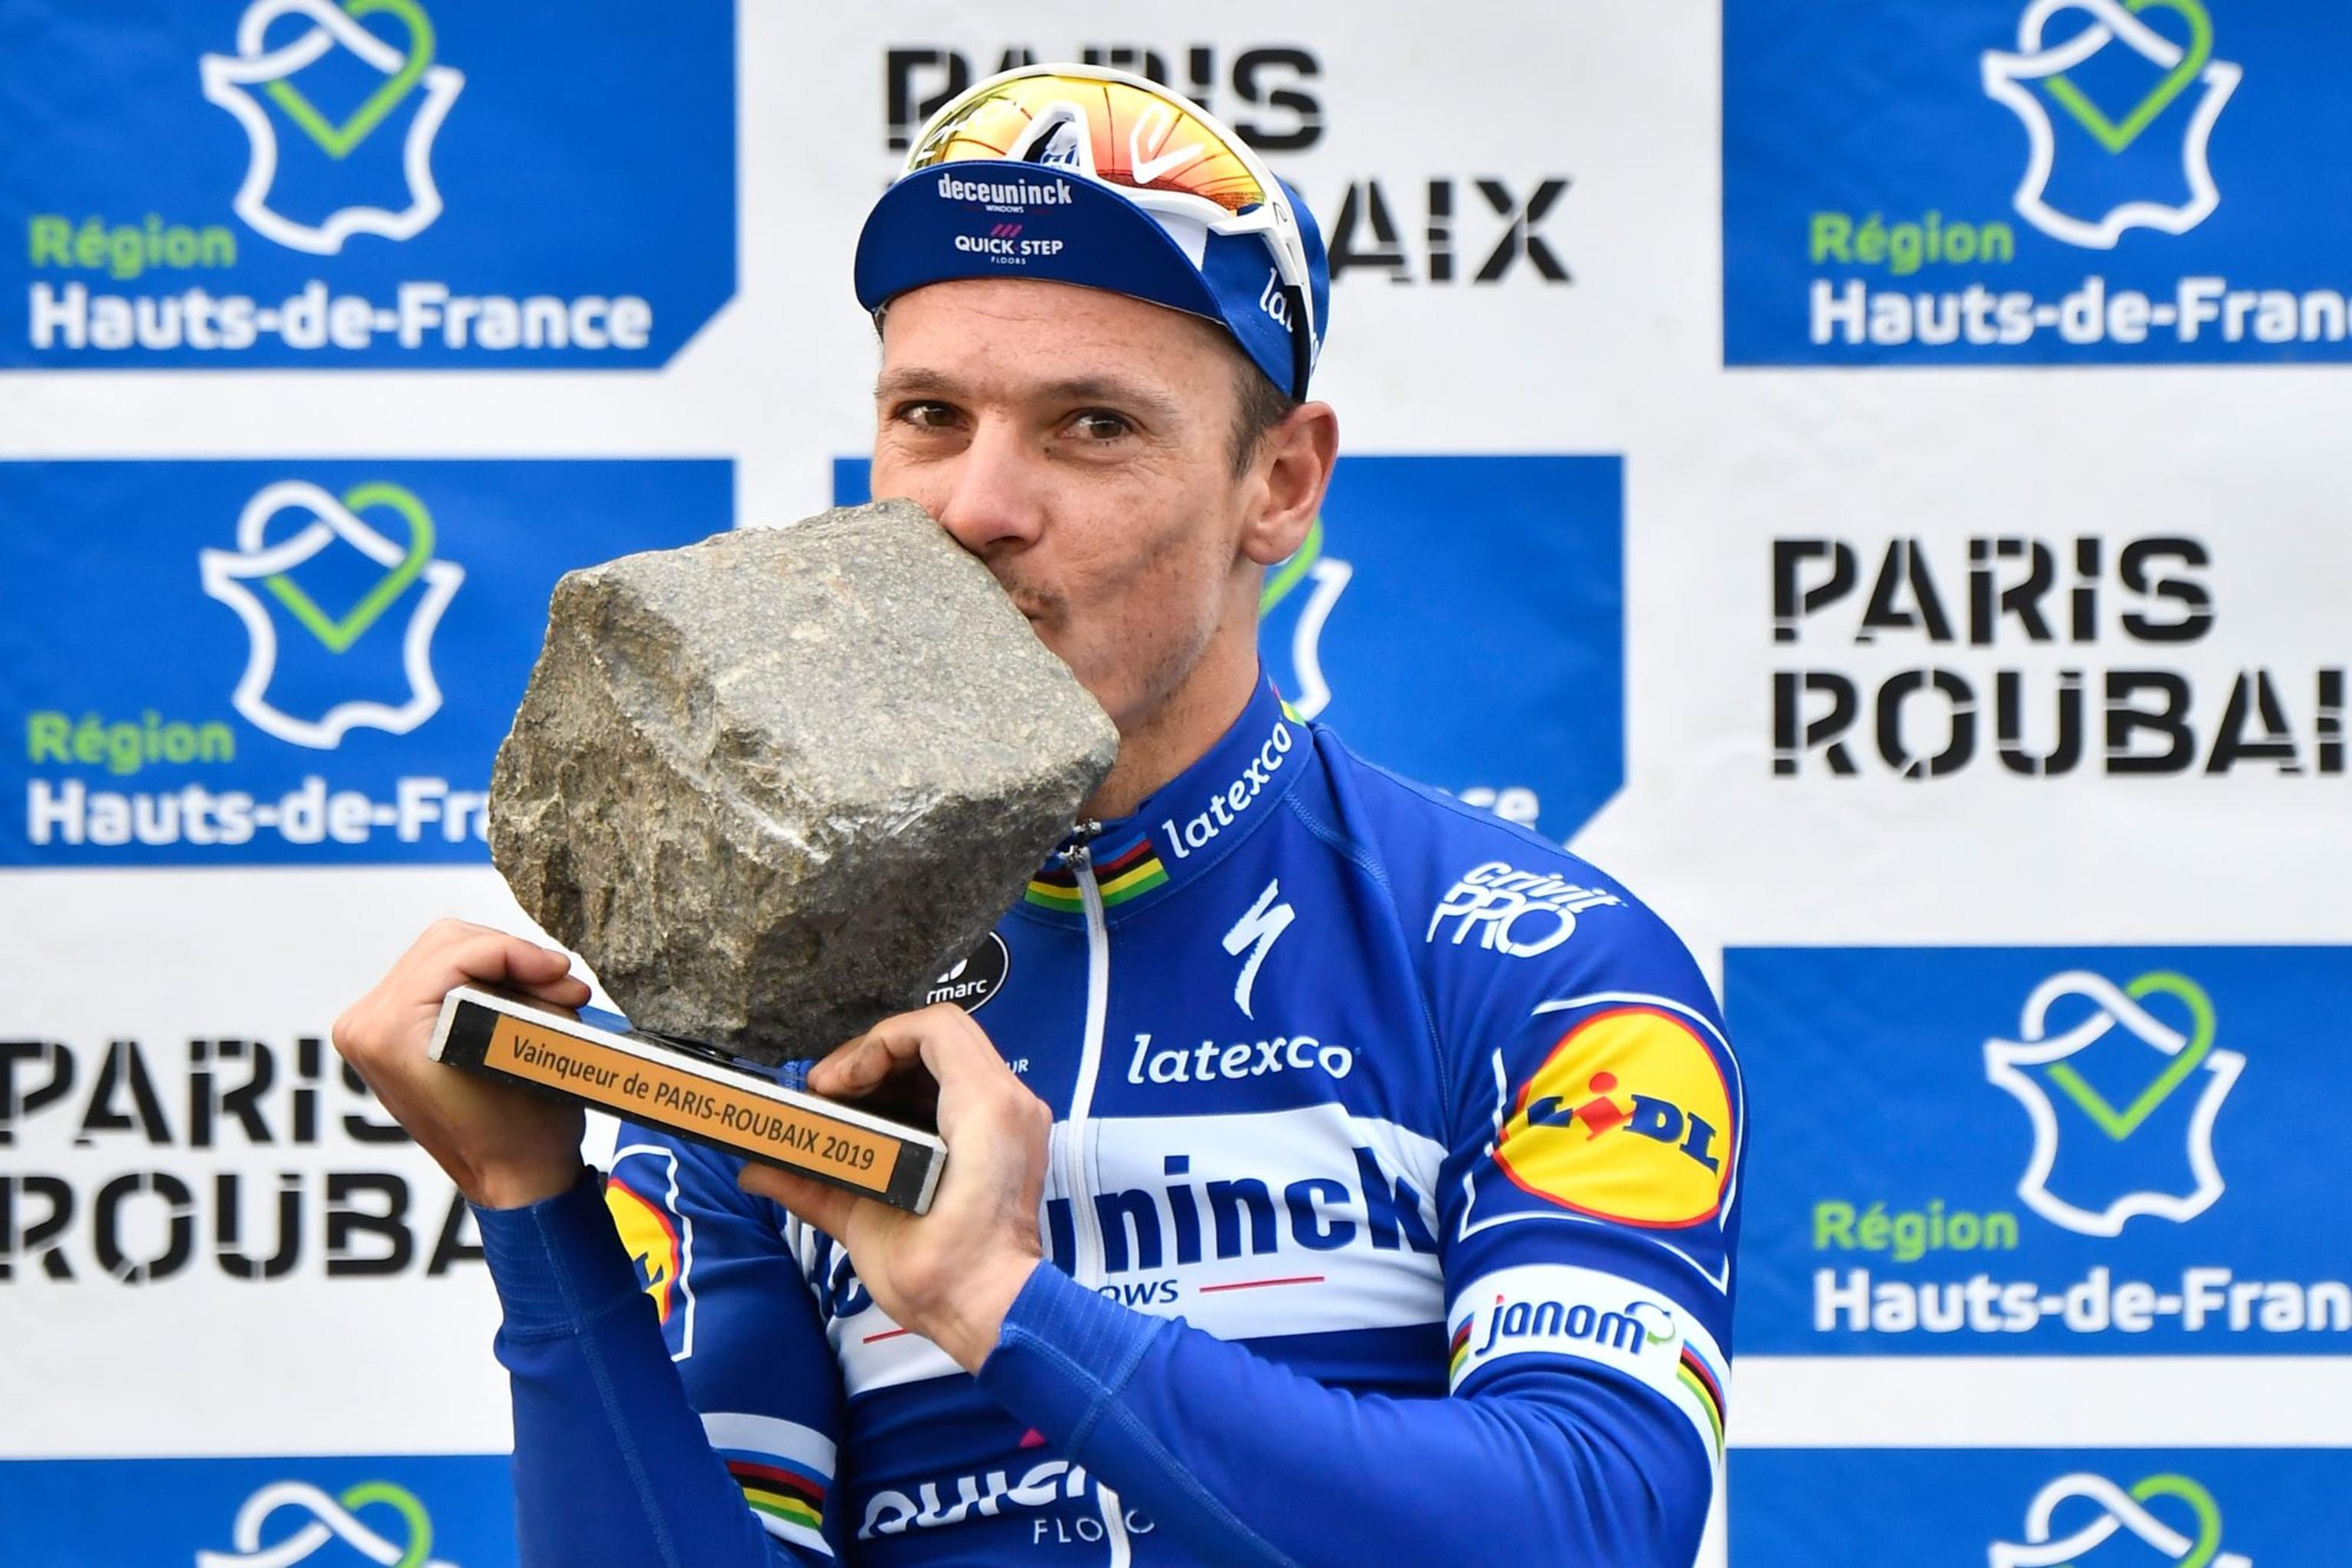 Voor de 36-jarige Gilbert was het nog maar de derde deelname aan Parijs-Roubaix en dat leverde meteen een zege op, zijn tweede van het seizoen en ook de eerste Belgische klassieke zege dit voorjaar. , Belga